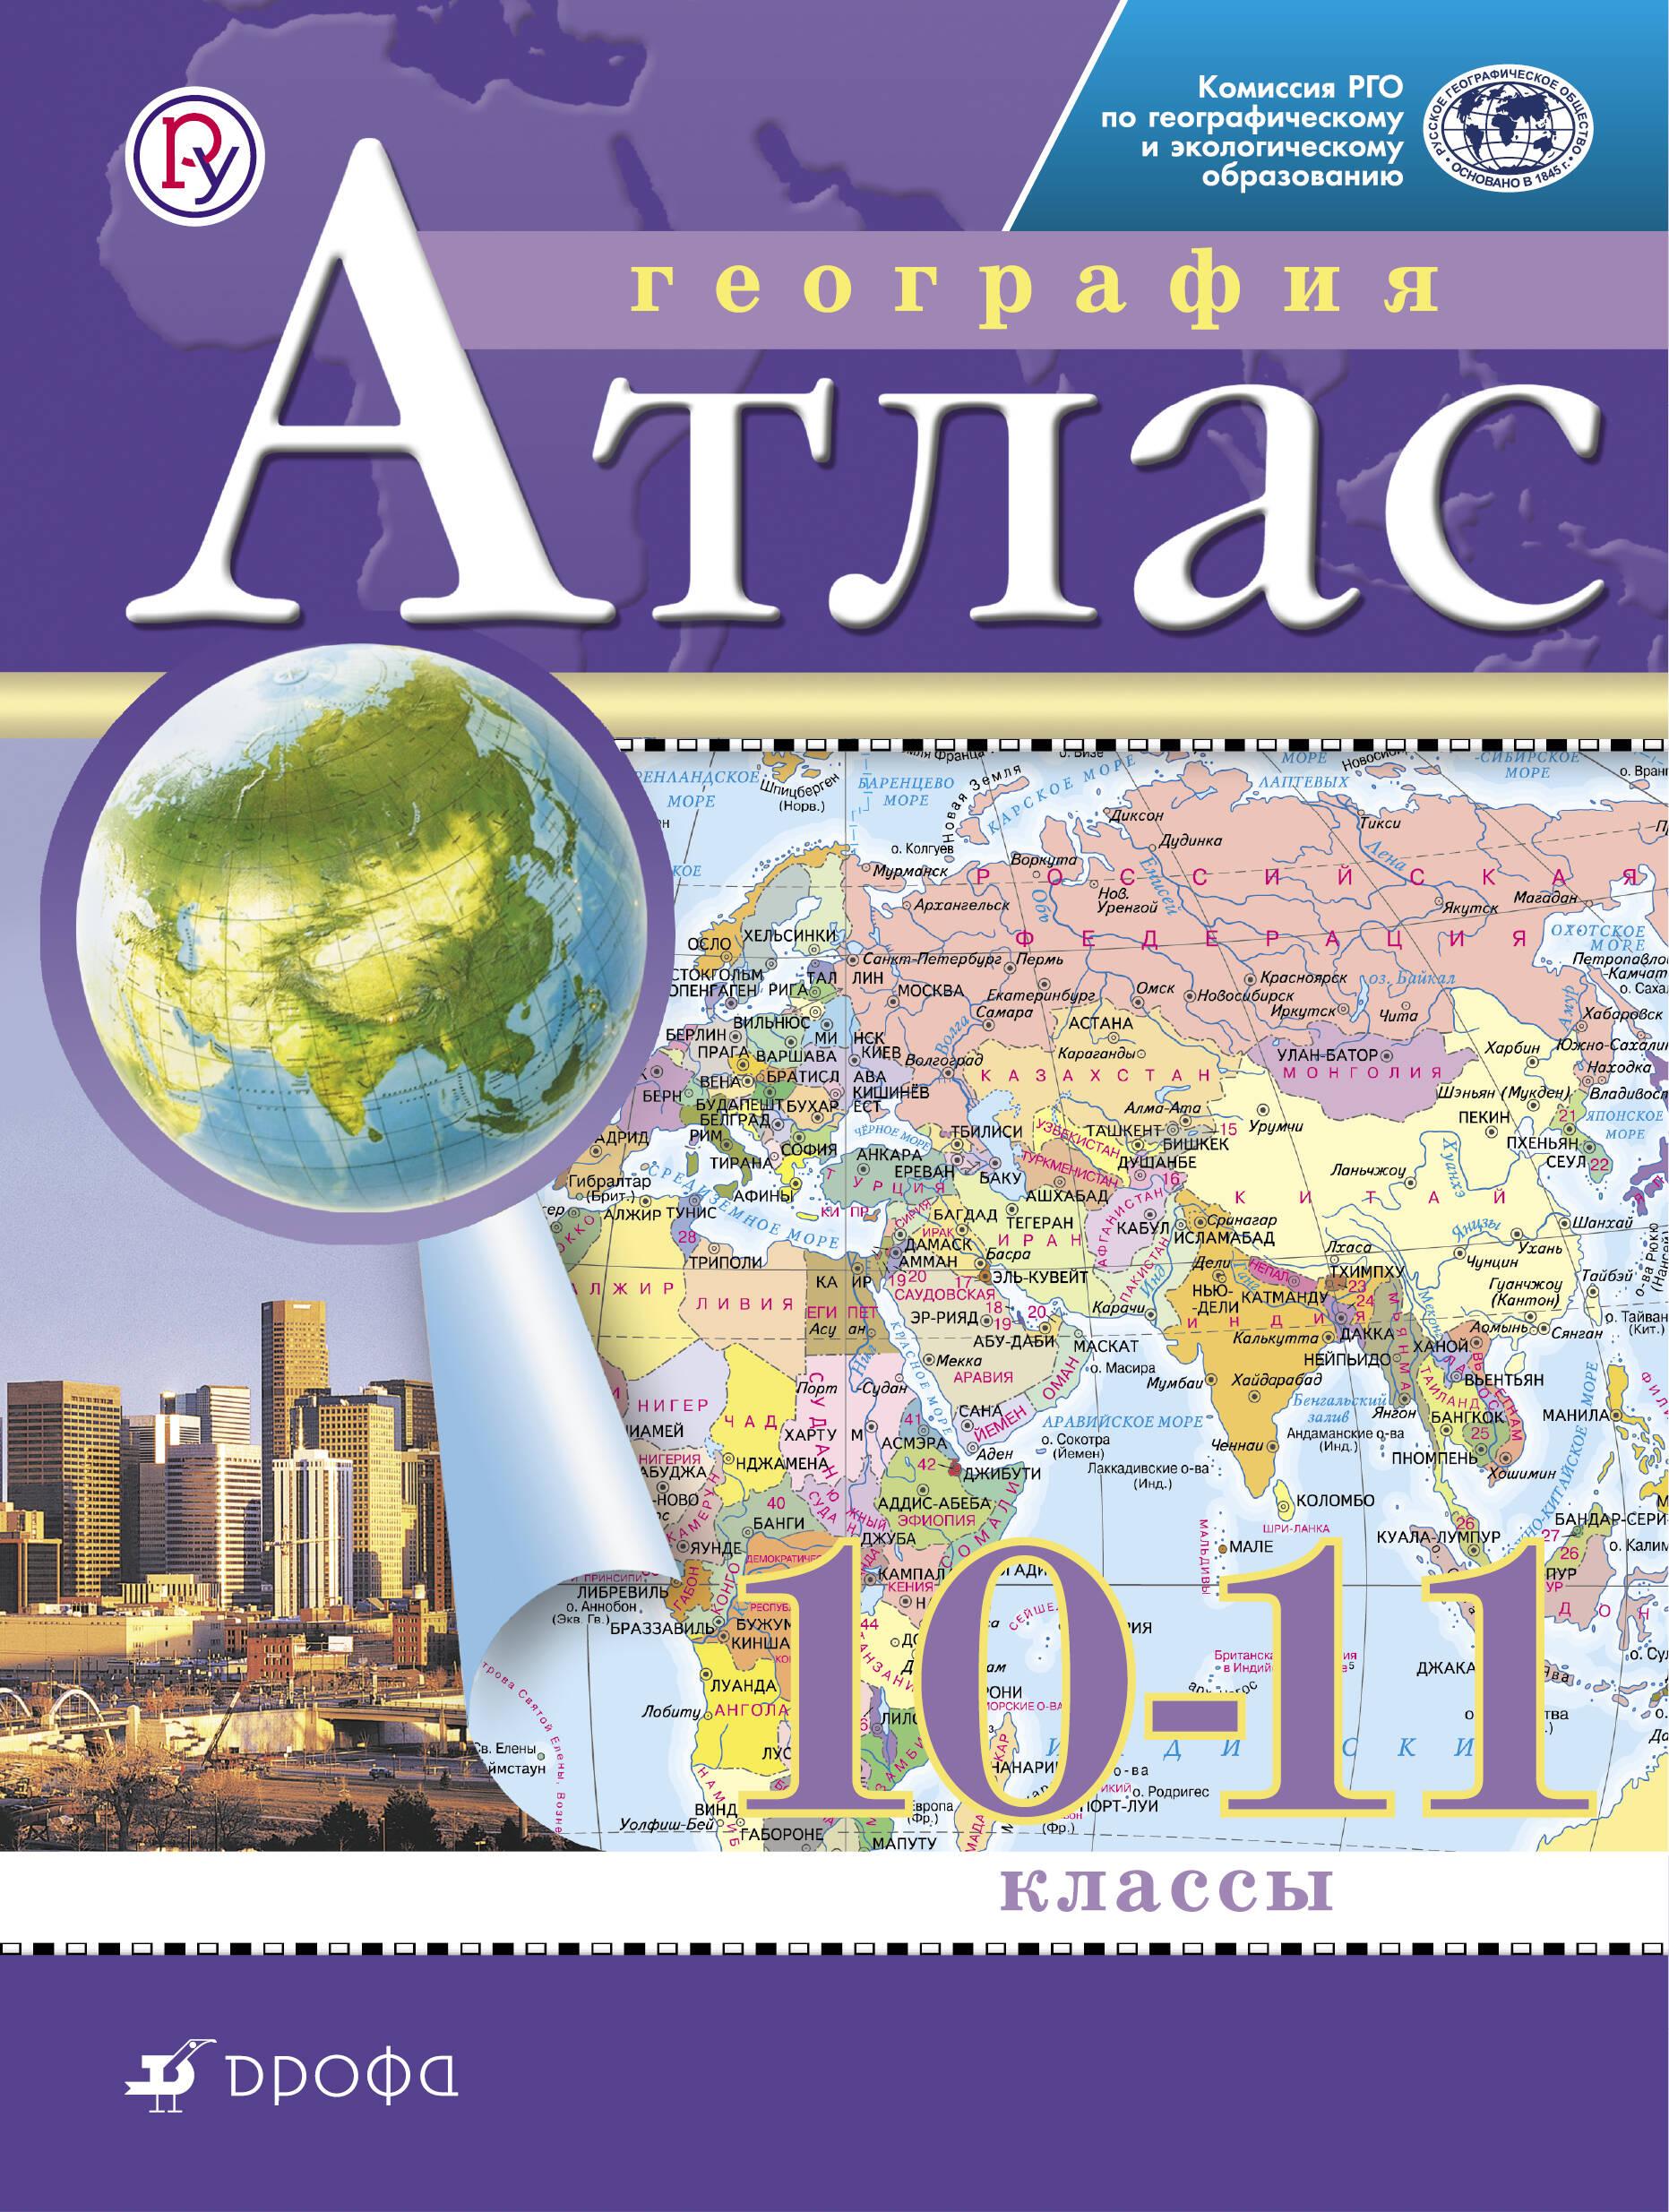 Учебник по географии 7 класс вентана граф скачать